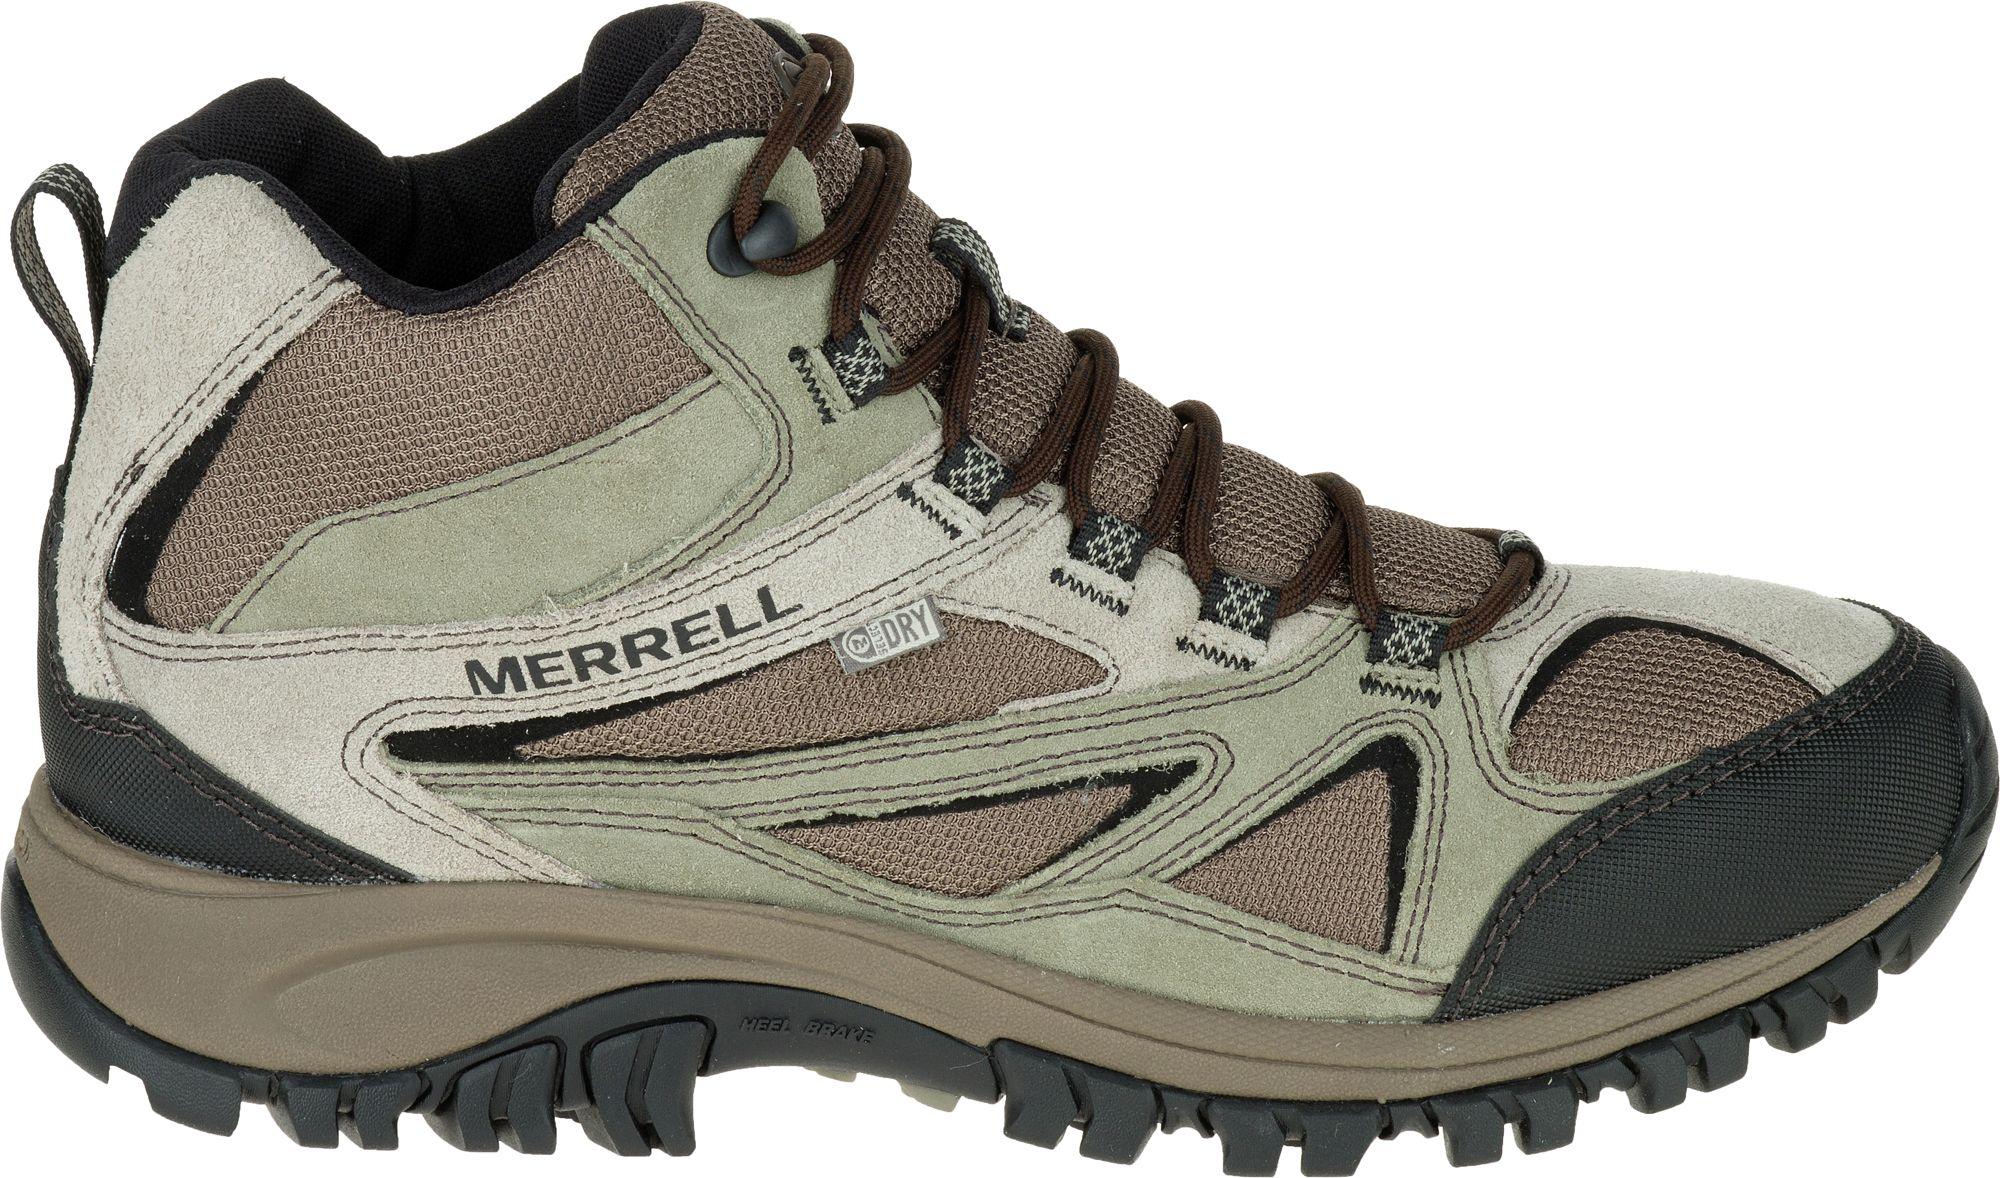 Merrell Men's Phoenix Bluff Mid Waterproof Hiking Boots| DICK'S ...